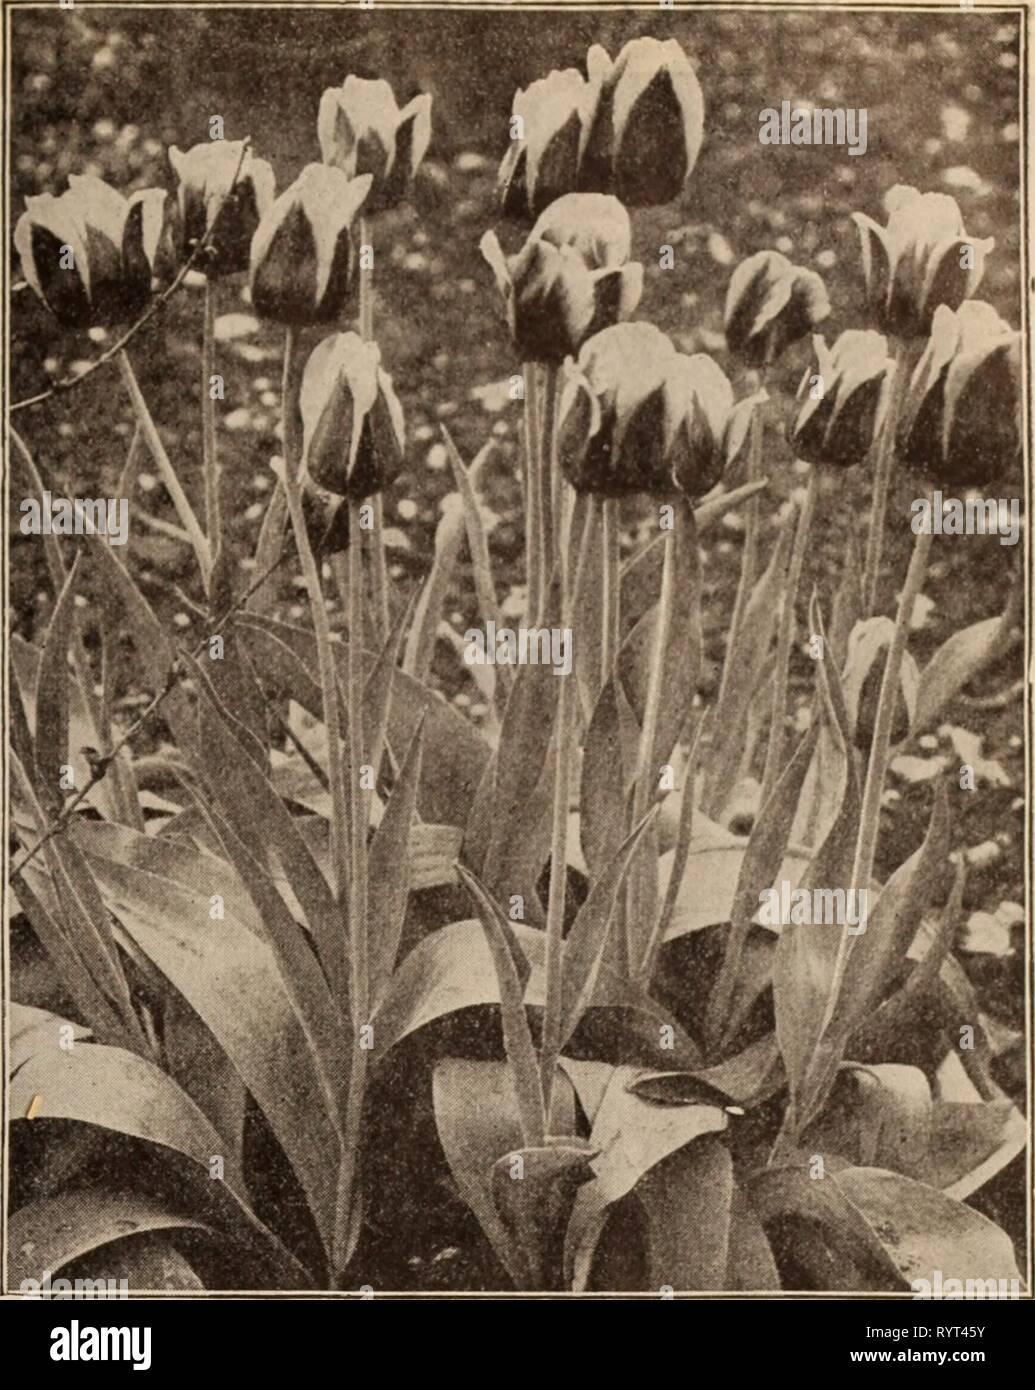 Dreer's Liste des prix de gros de gros Dreer Liste des prix / Henry A. Dreer. . Dreerswholesalep1912an meer: DOUBLE TULIPE TULIPES MURILLO SEUL DÉBUT KAISER KROON par p. 100 1000 j argent. Blanc, rayé rouge .... $150 $1400 JE Sir Thos. Lipton. La plus riche de toutes les tulipes écarlates, je extra fin 2 35 22 00 J Thomas Moore. L'orange vif, amende 85 700 Vermillon brillant. Vermillon cramoisi, amende . . . 1 90 17 50 White Hawk (Albion). Une amende pure white bedder ou forcer 1 50 13 00 Wouverman. Violet Profond, fine butteuse 2 50 24 00 Prince jaune. Jaune d'or, l'un des meilleurs de jaunes fo Banque D'Images